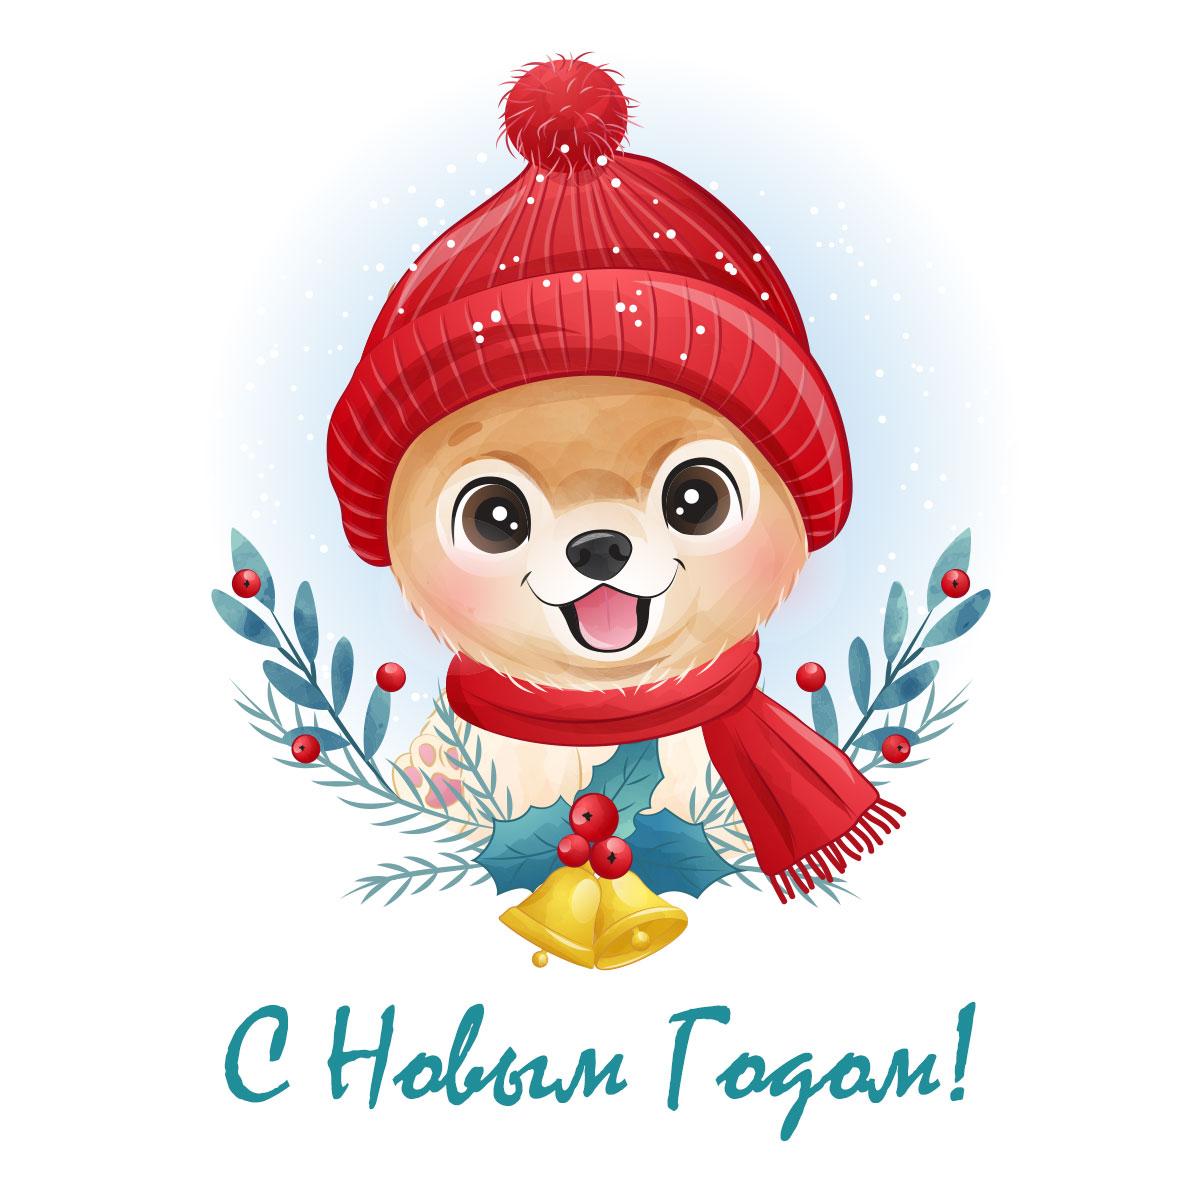 Картинка новый год для детей со щенком шпица в зимней шапке и шарфе красного цвета с надписью.